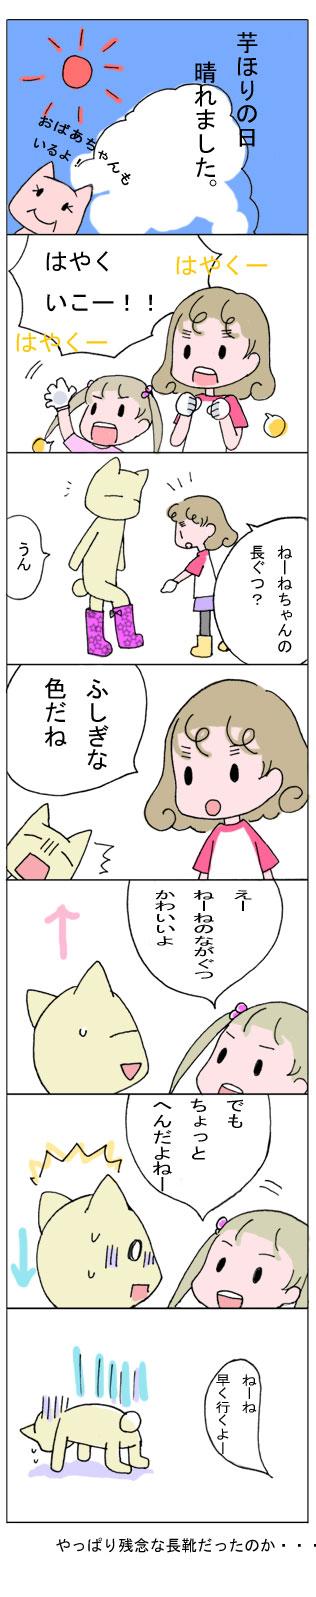 20121112_002.jpg